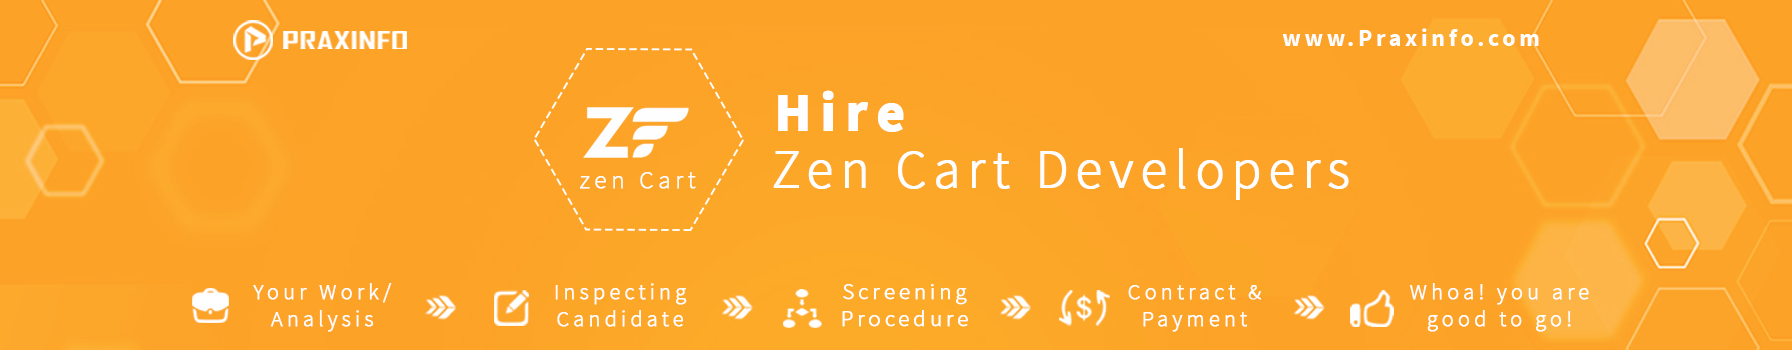 hire-ZenCart-developer.png